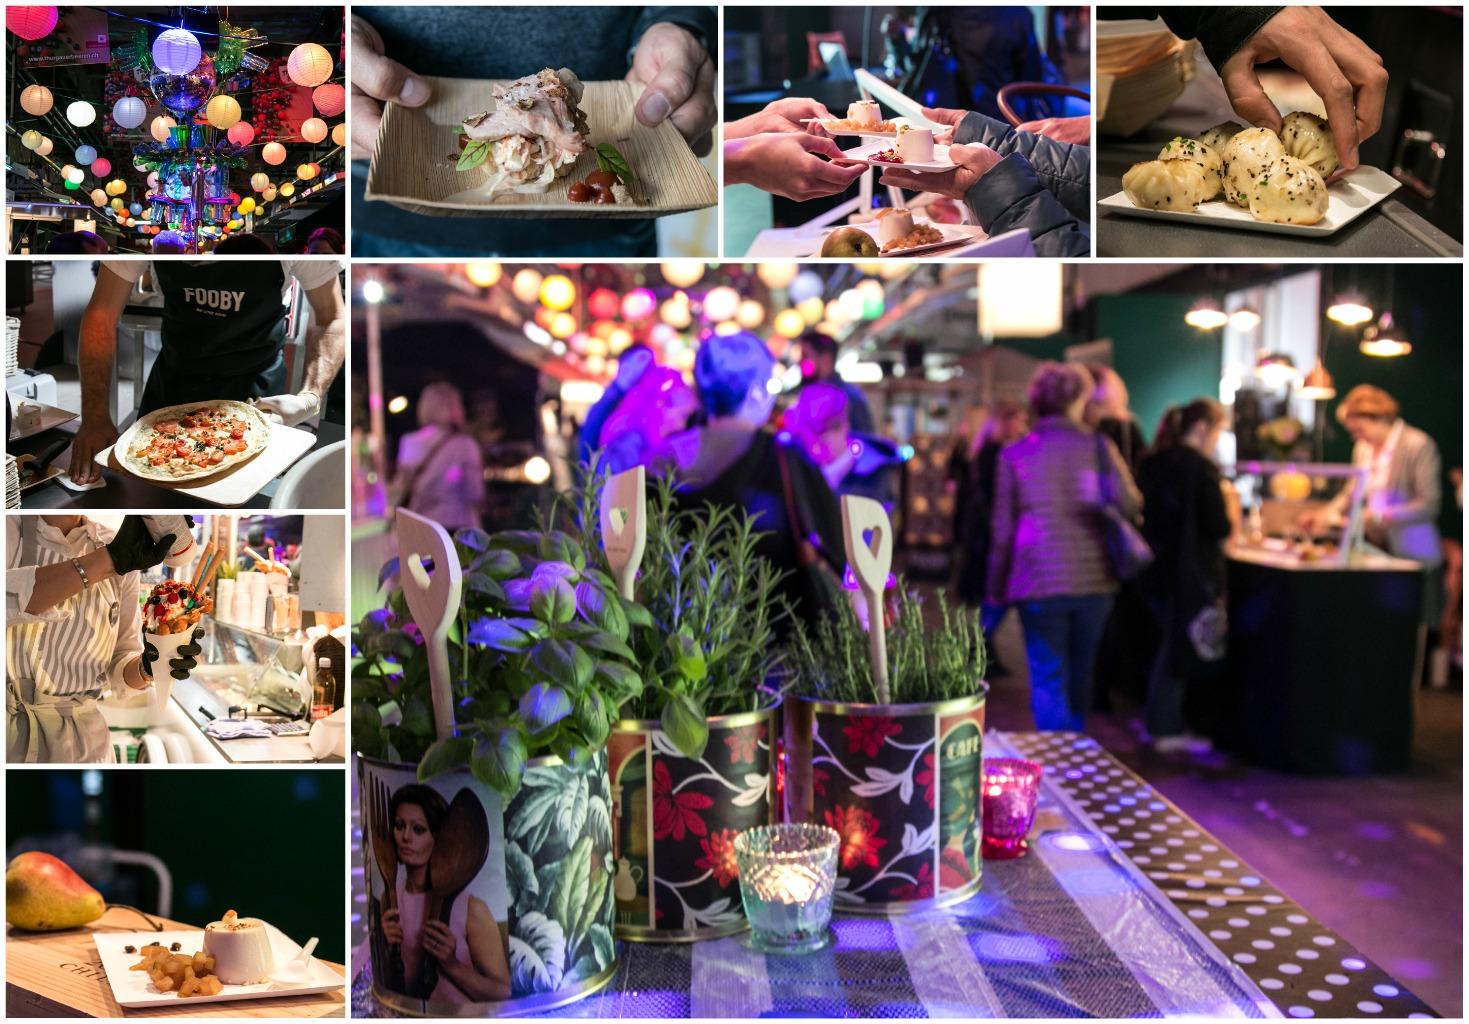 Food Zurich, Engros Markt, Food Zurich Fooby Party